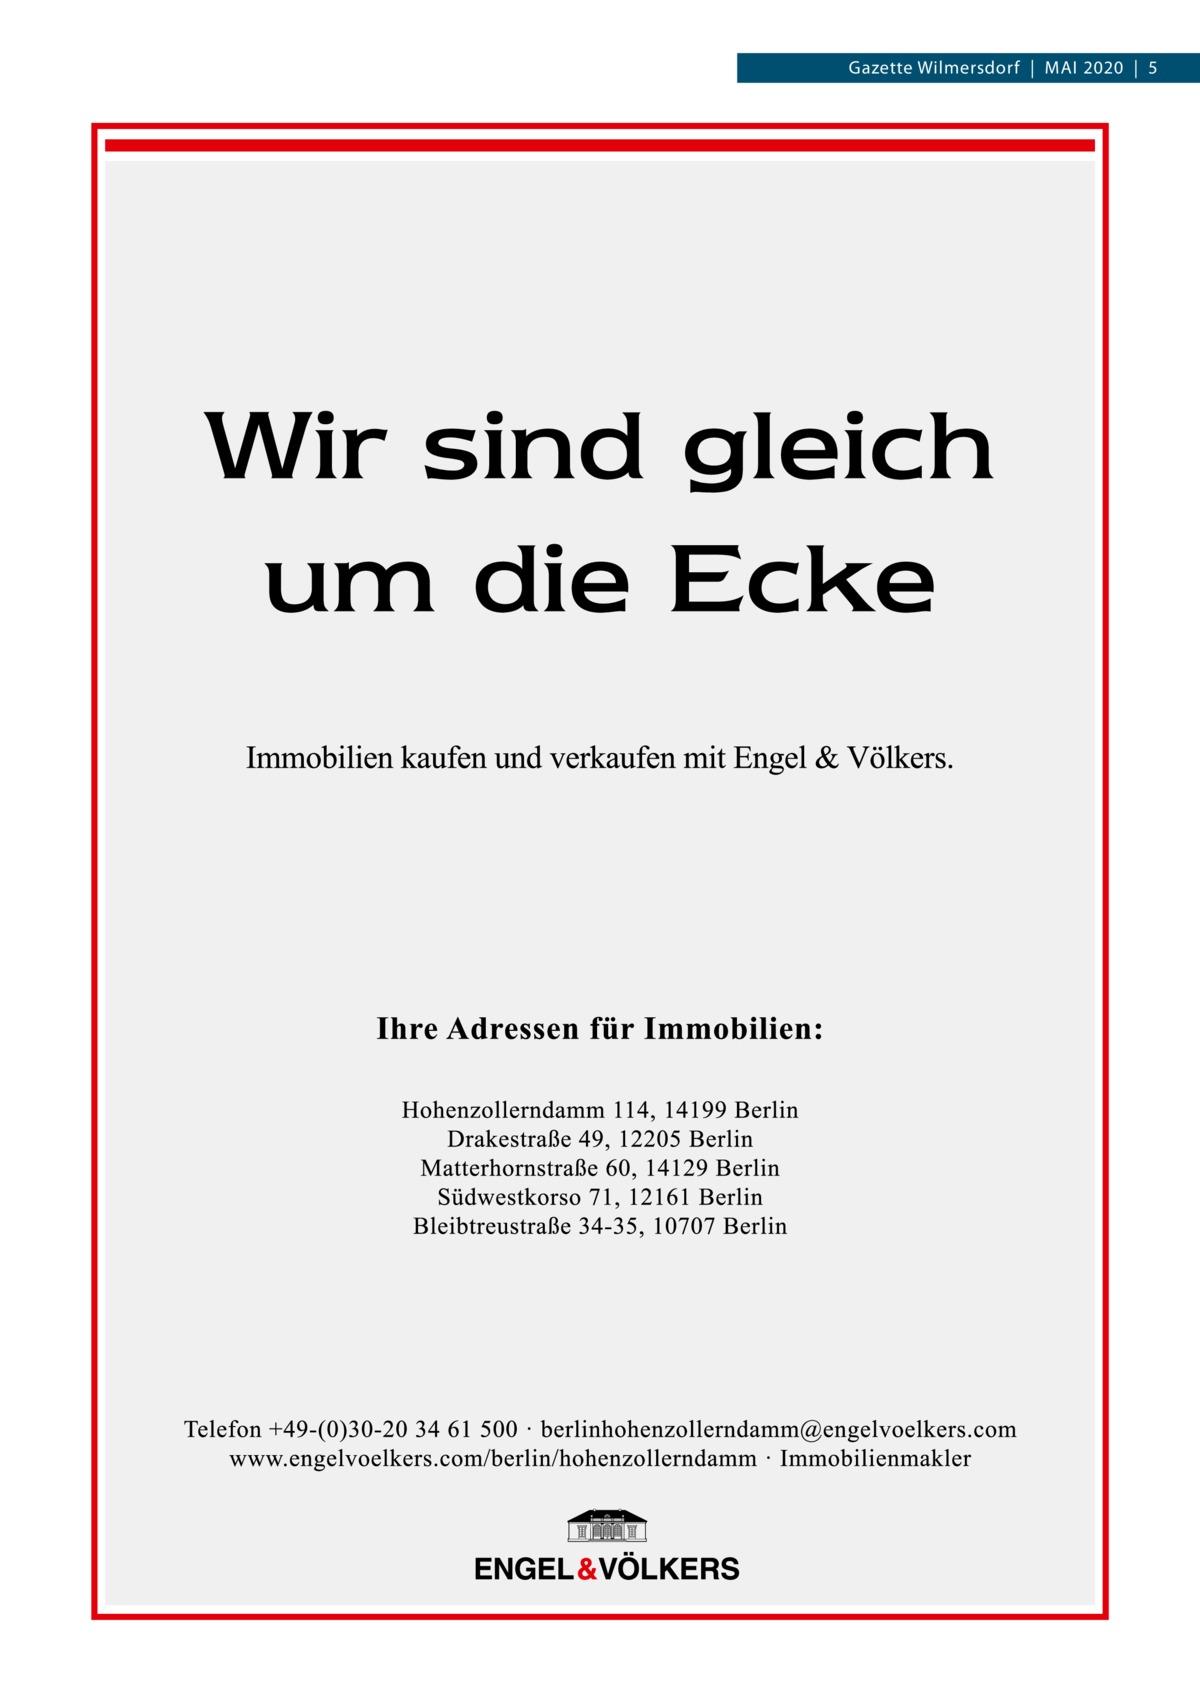 Gazette Wilmersdorf Mai 2020 5